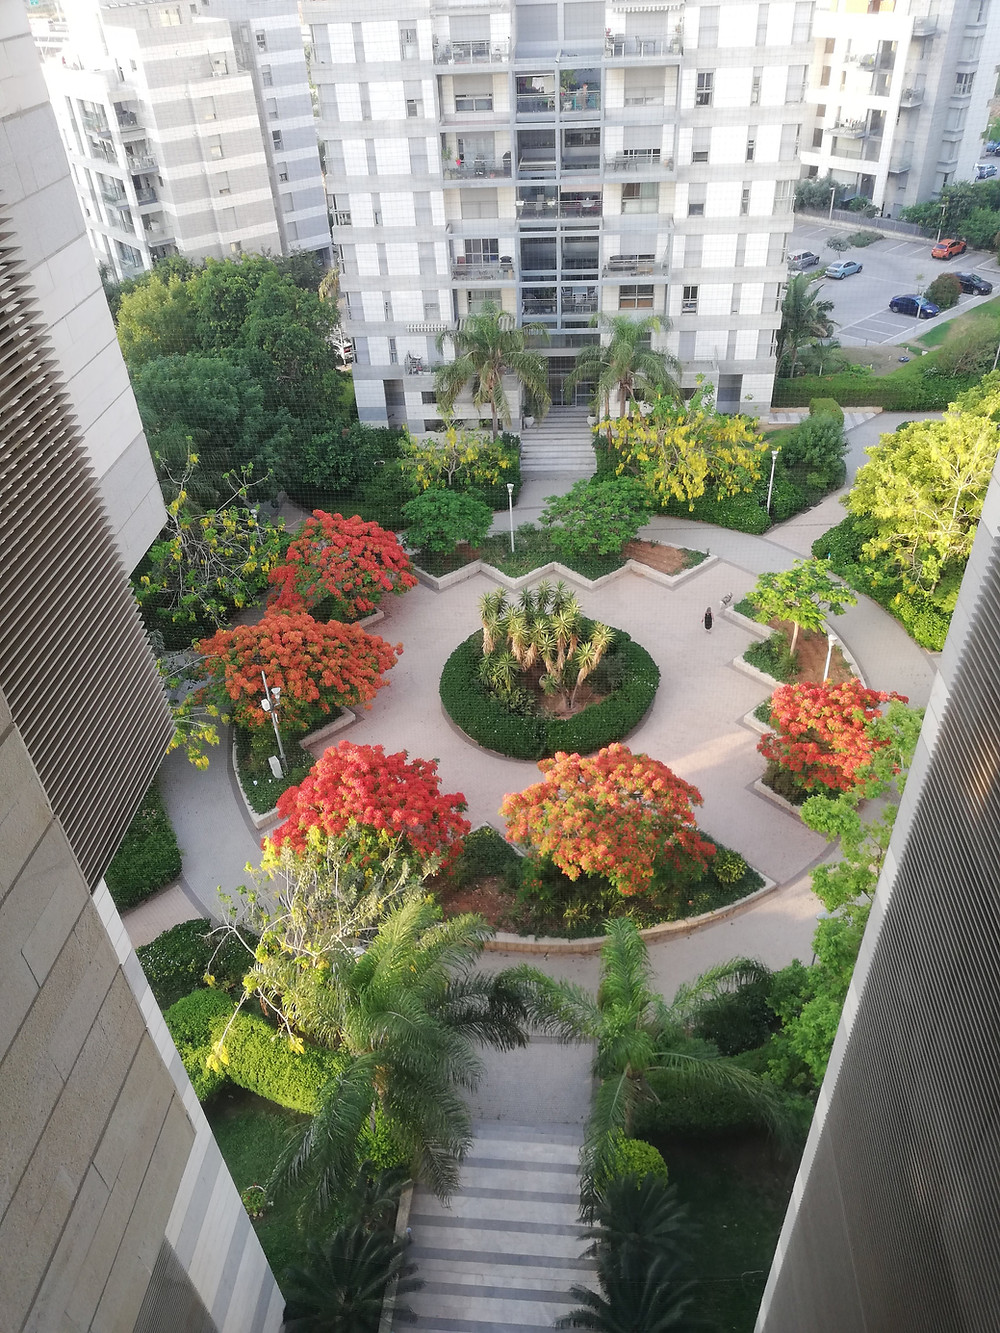 הפריחה שרואים מחלון המרפאה מהקומה התשיעית